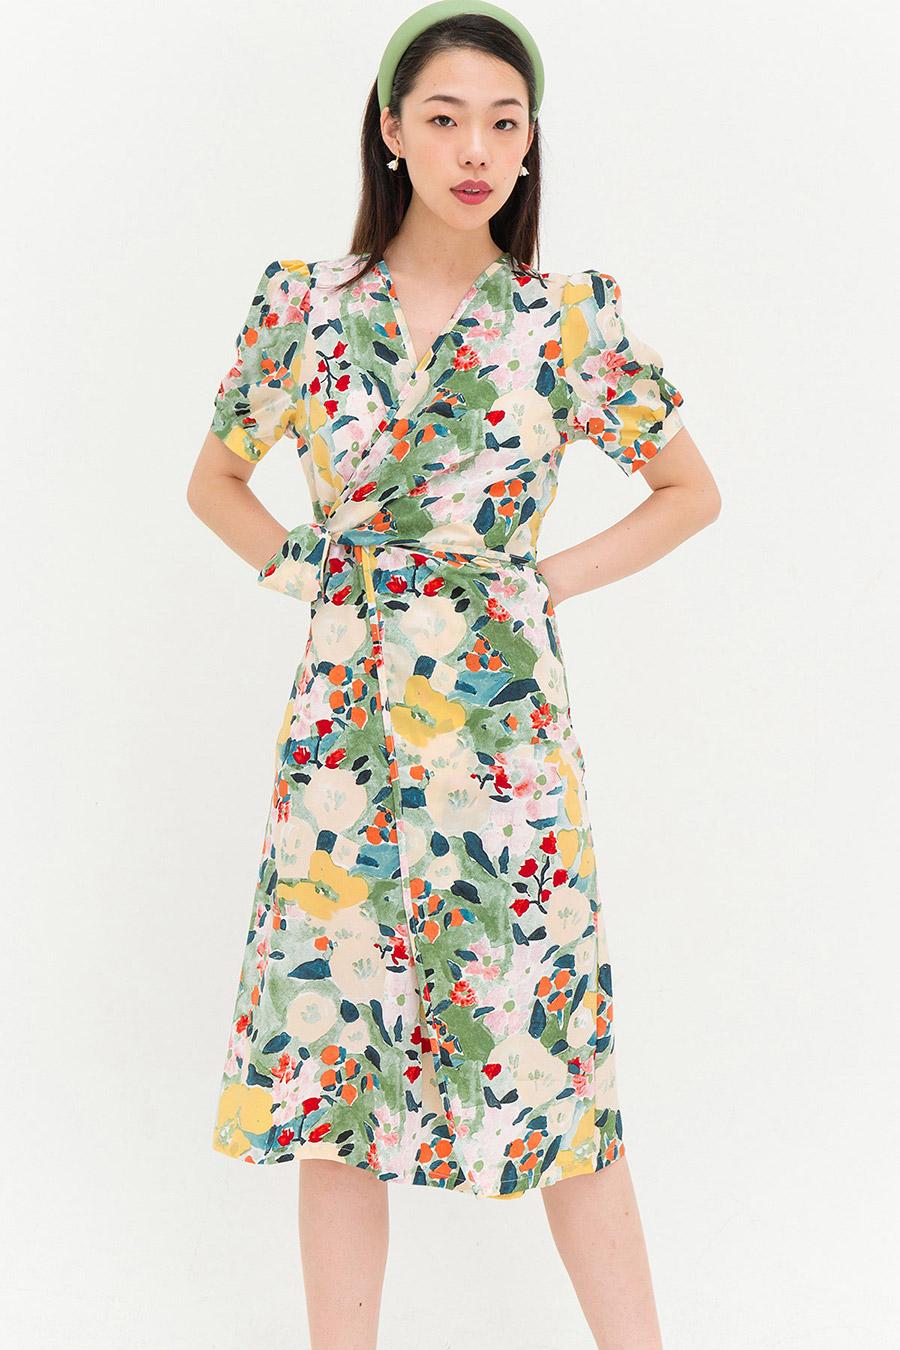 GRETA DRESS - SAGE FLEUR